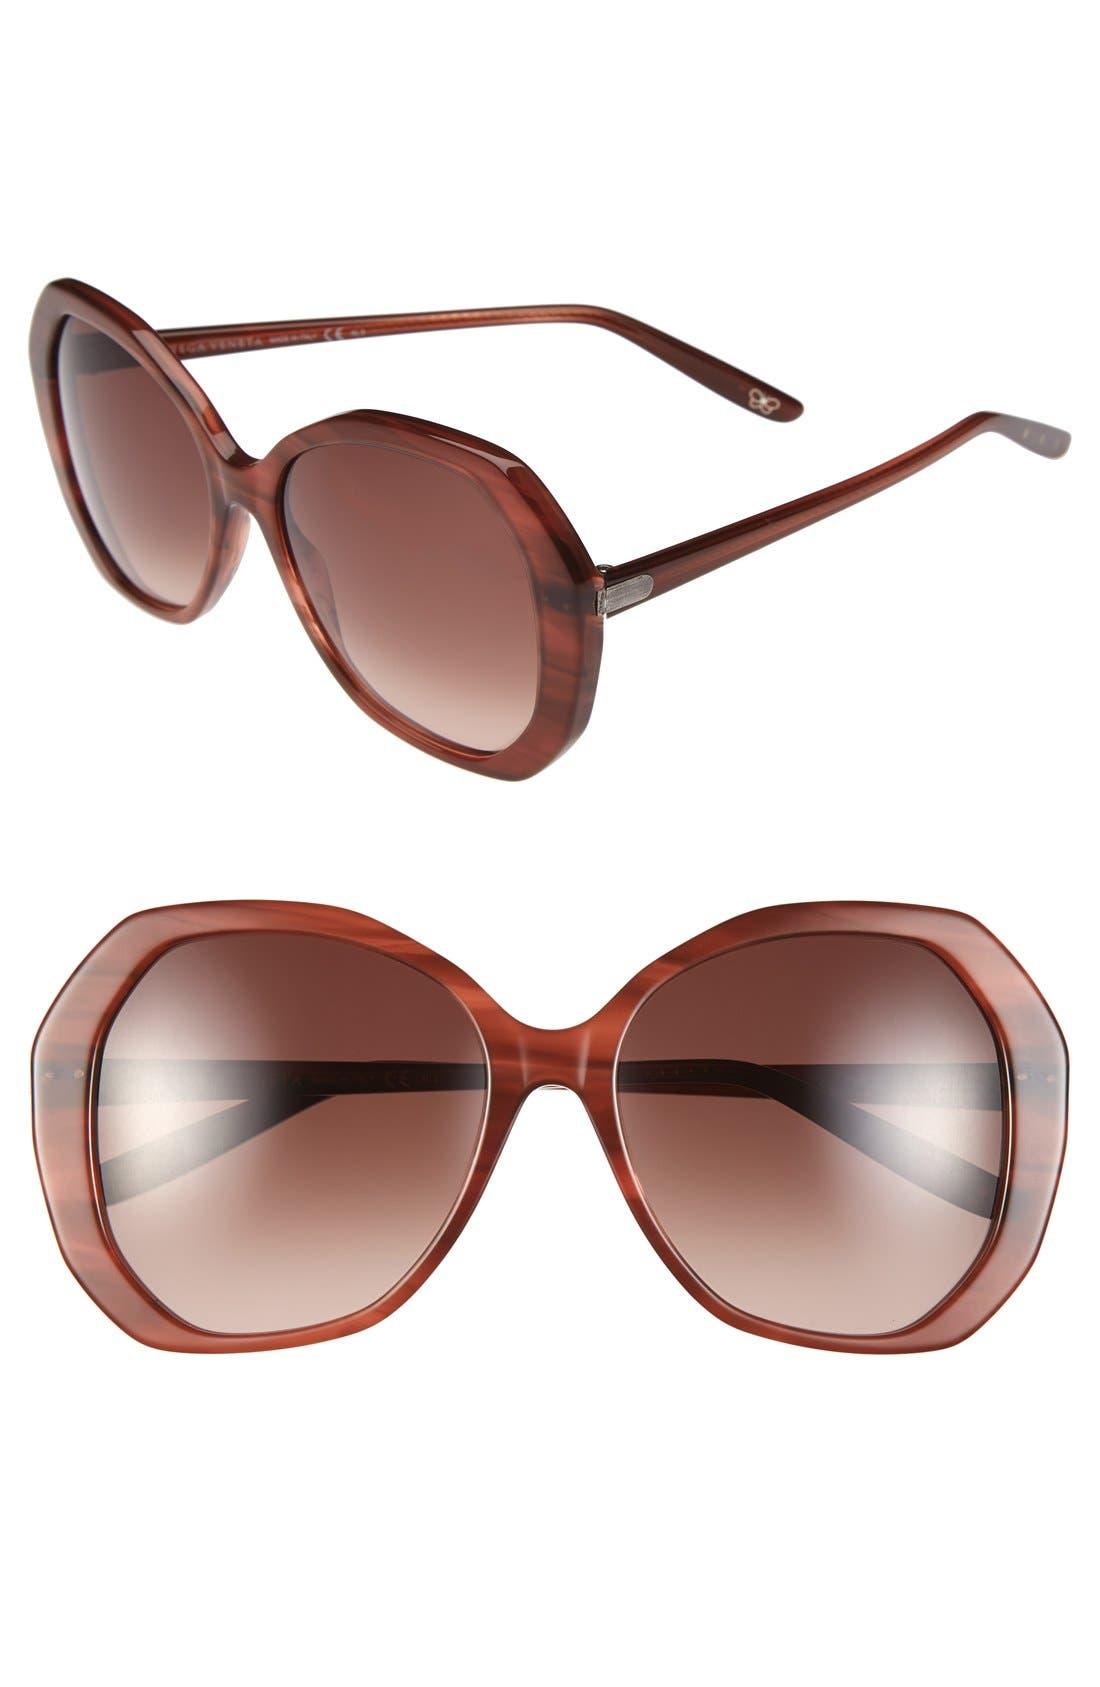 Main Image - Bottega Veneta 56mm Retro Sunglasses